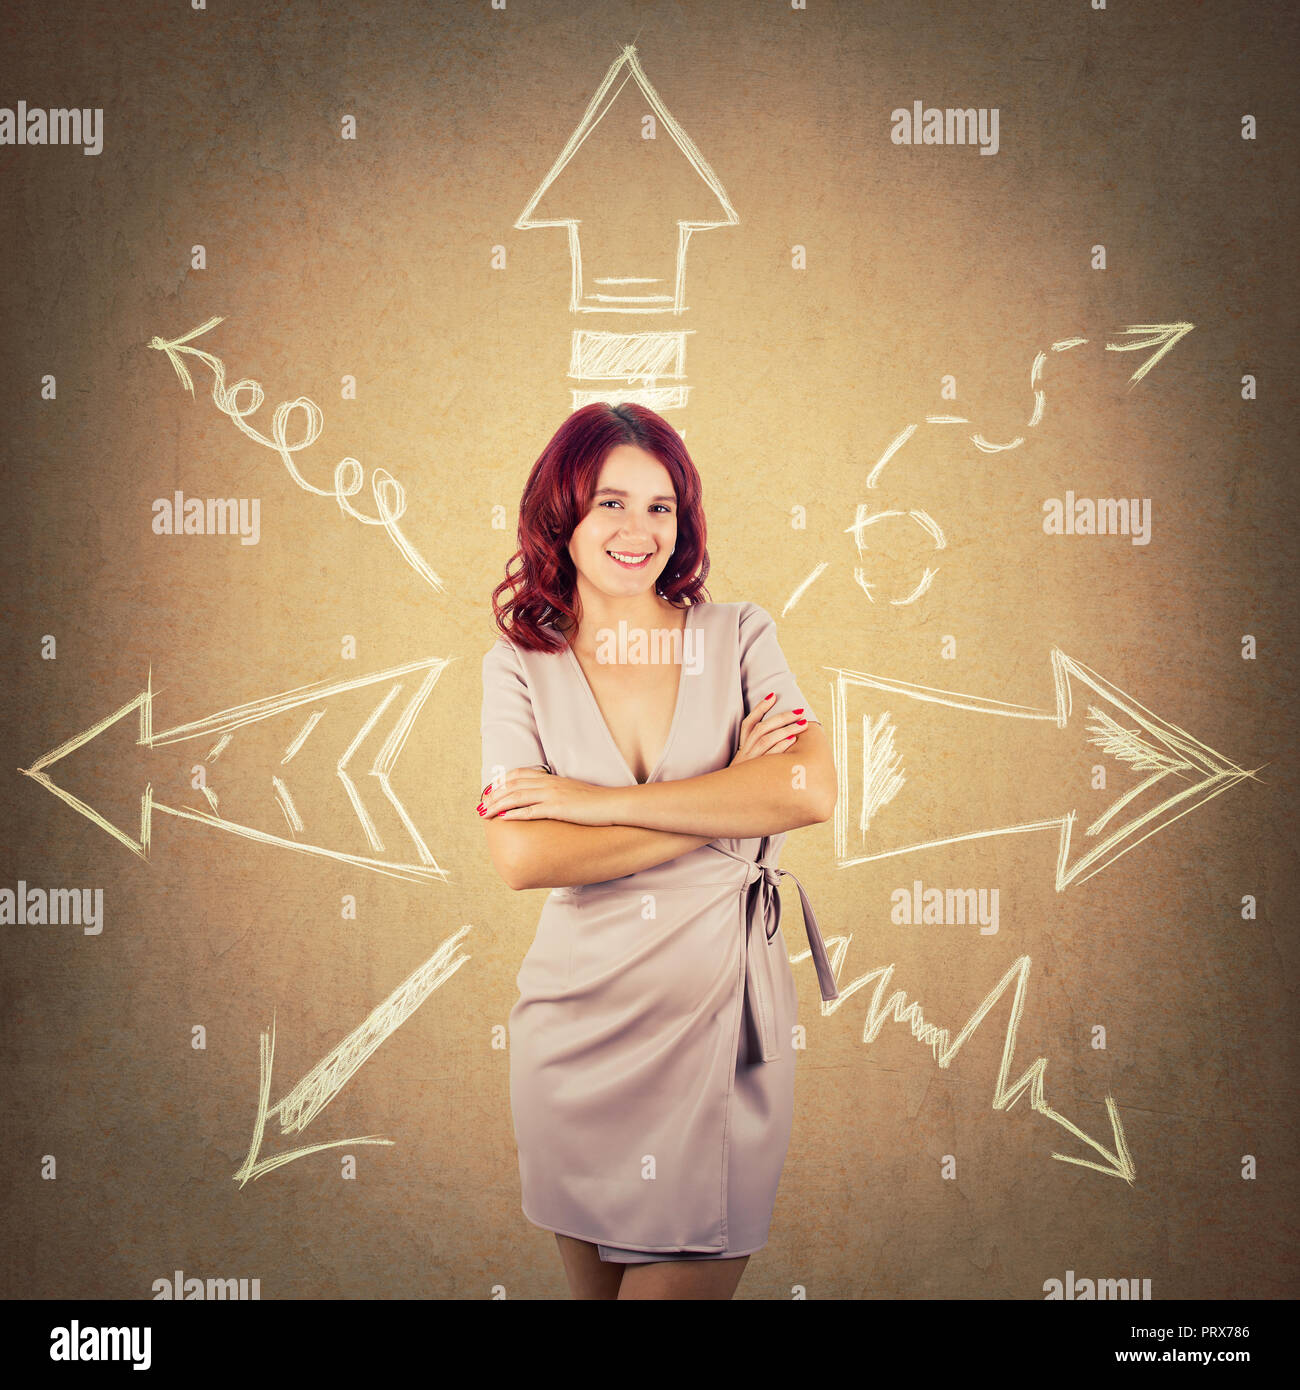 Redhead donna in piedi con le braccia incrociate e frecce rivolte alle diverse direzioni su sfondo colorato. Scelta difficile decidere in che direzione andare Immagini Stock